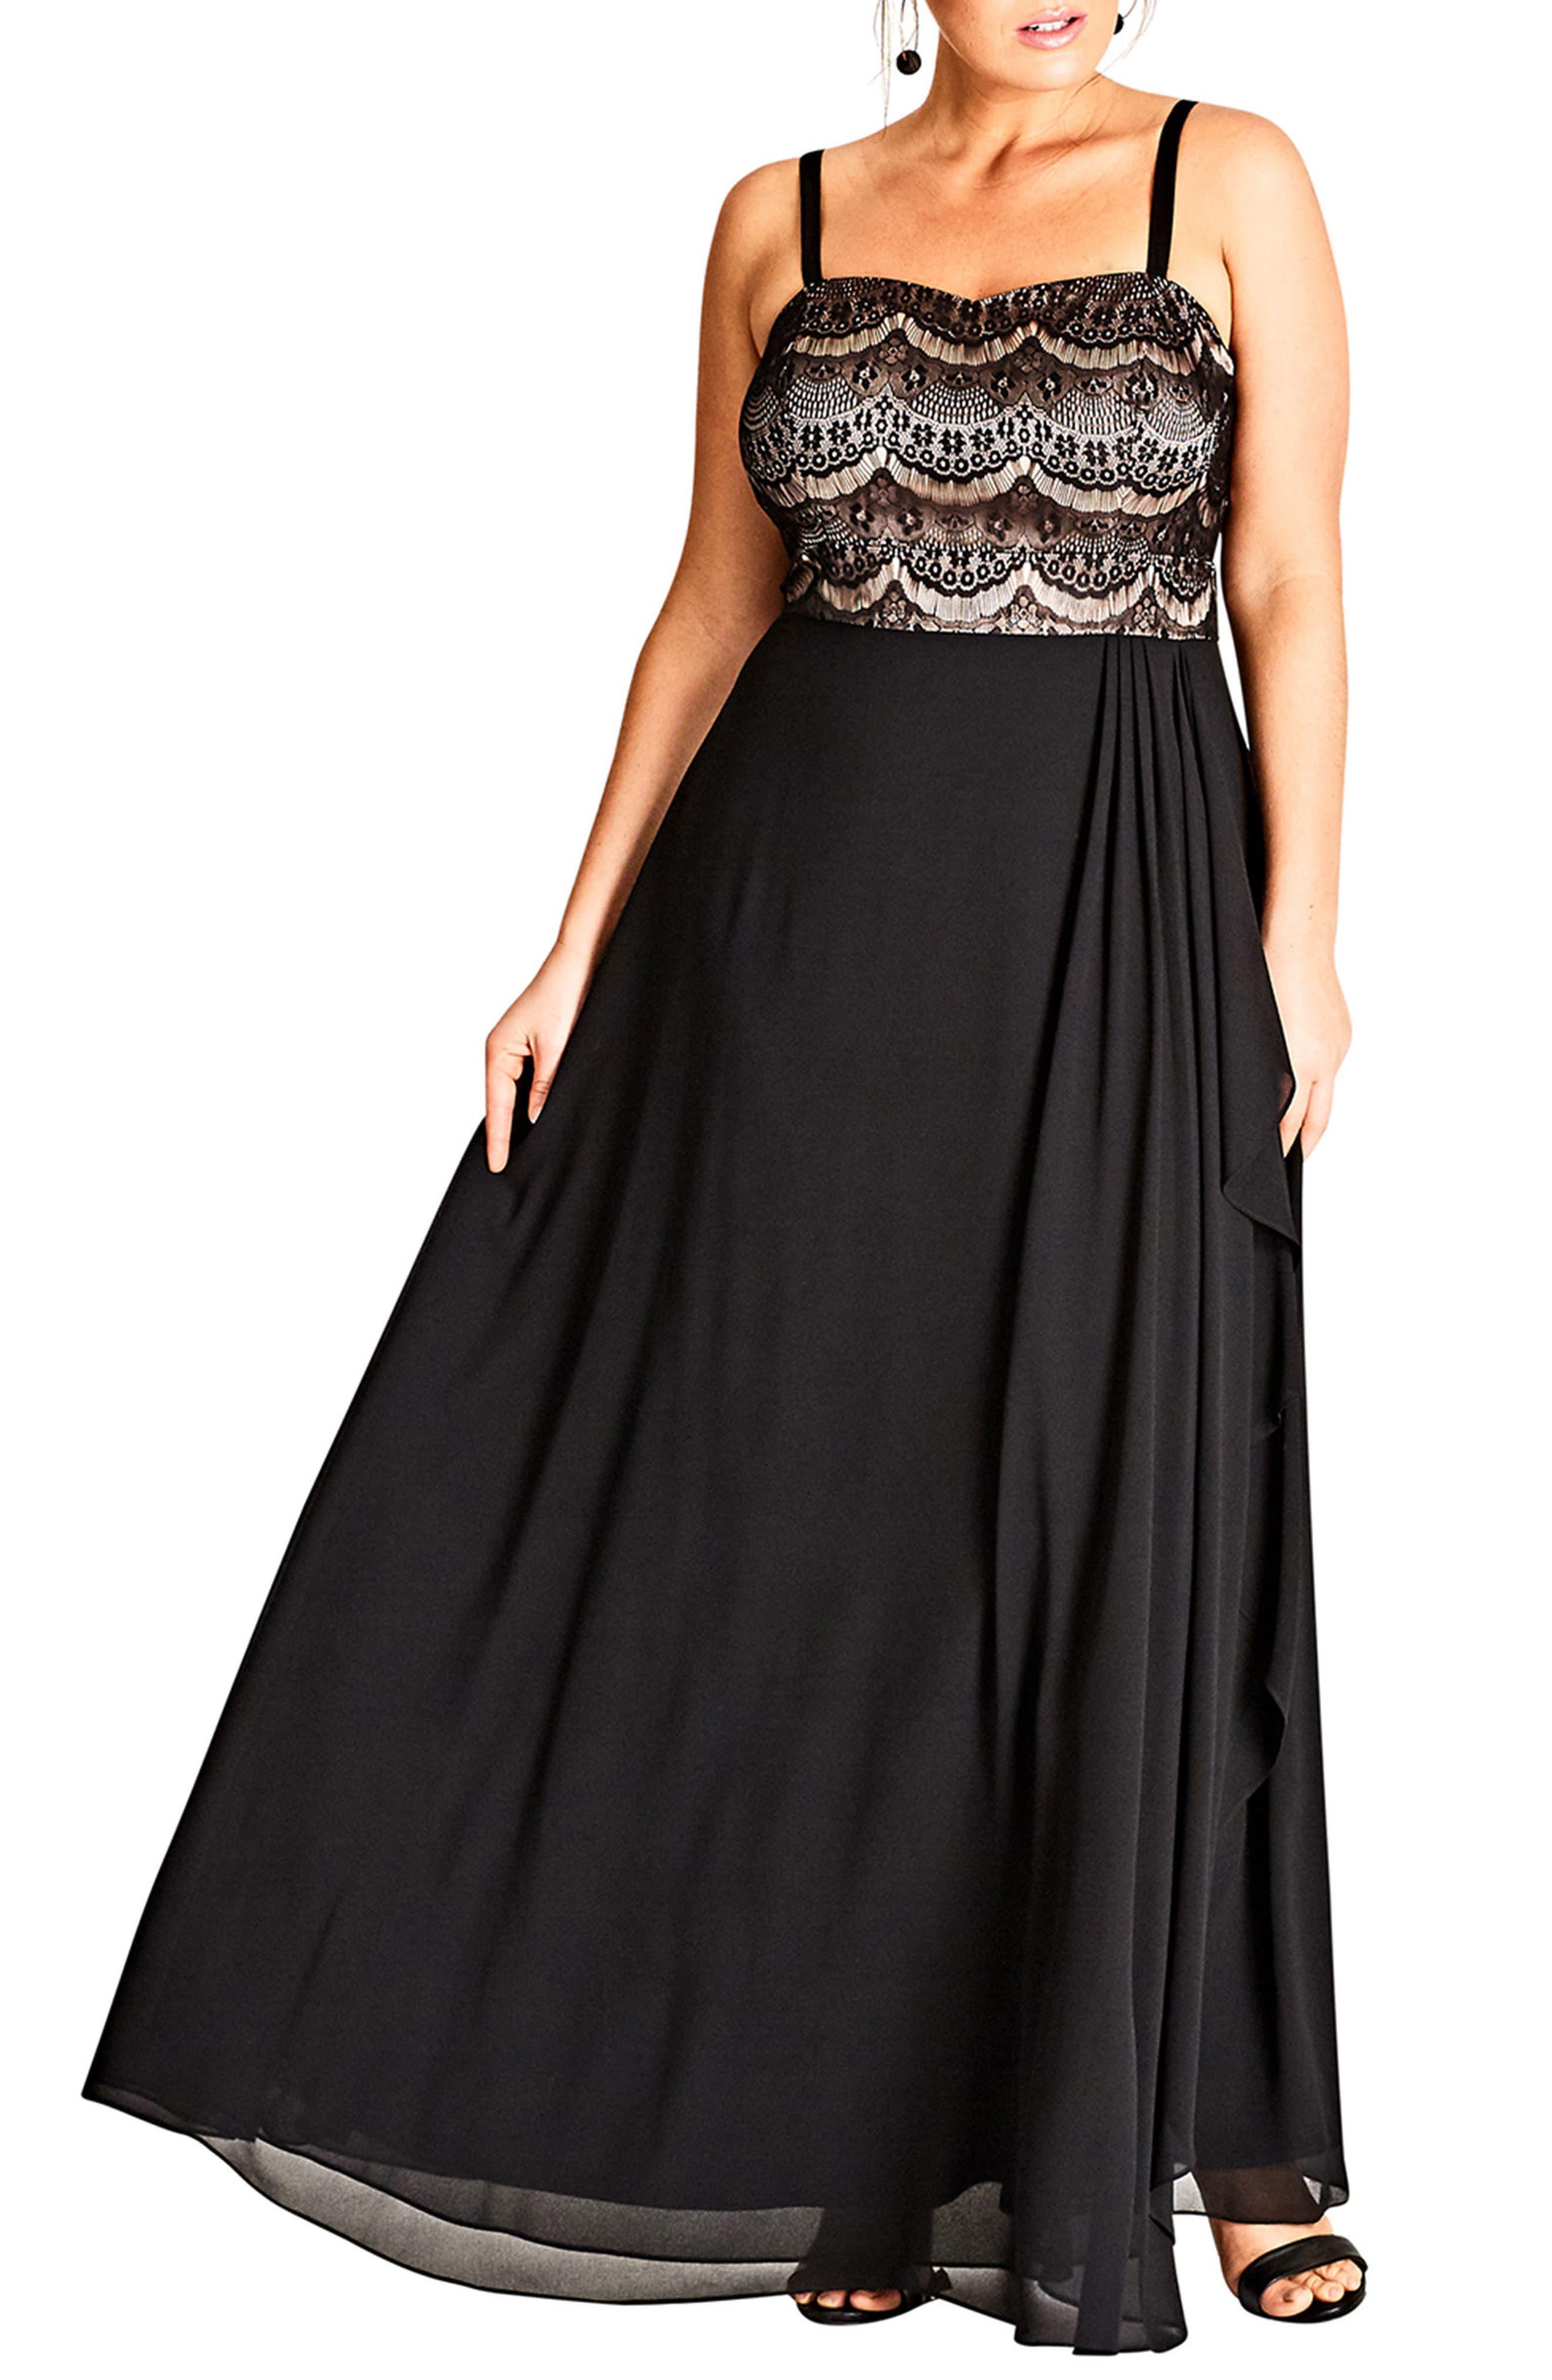 Alternate Image 1 Selected - City Chic Eyelash Ebony Lace & Chiffon Gown (Plus Size)